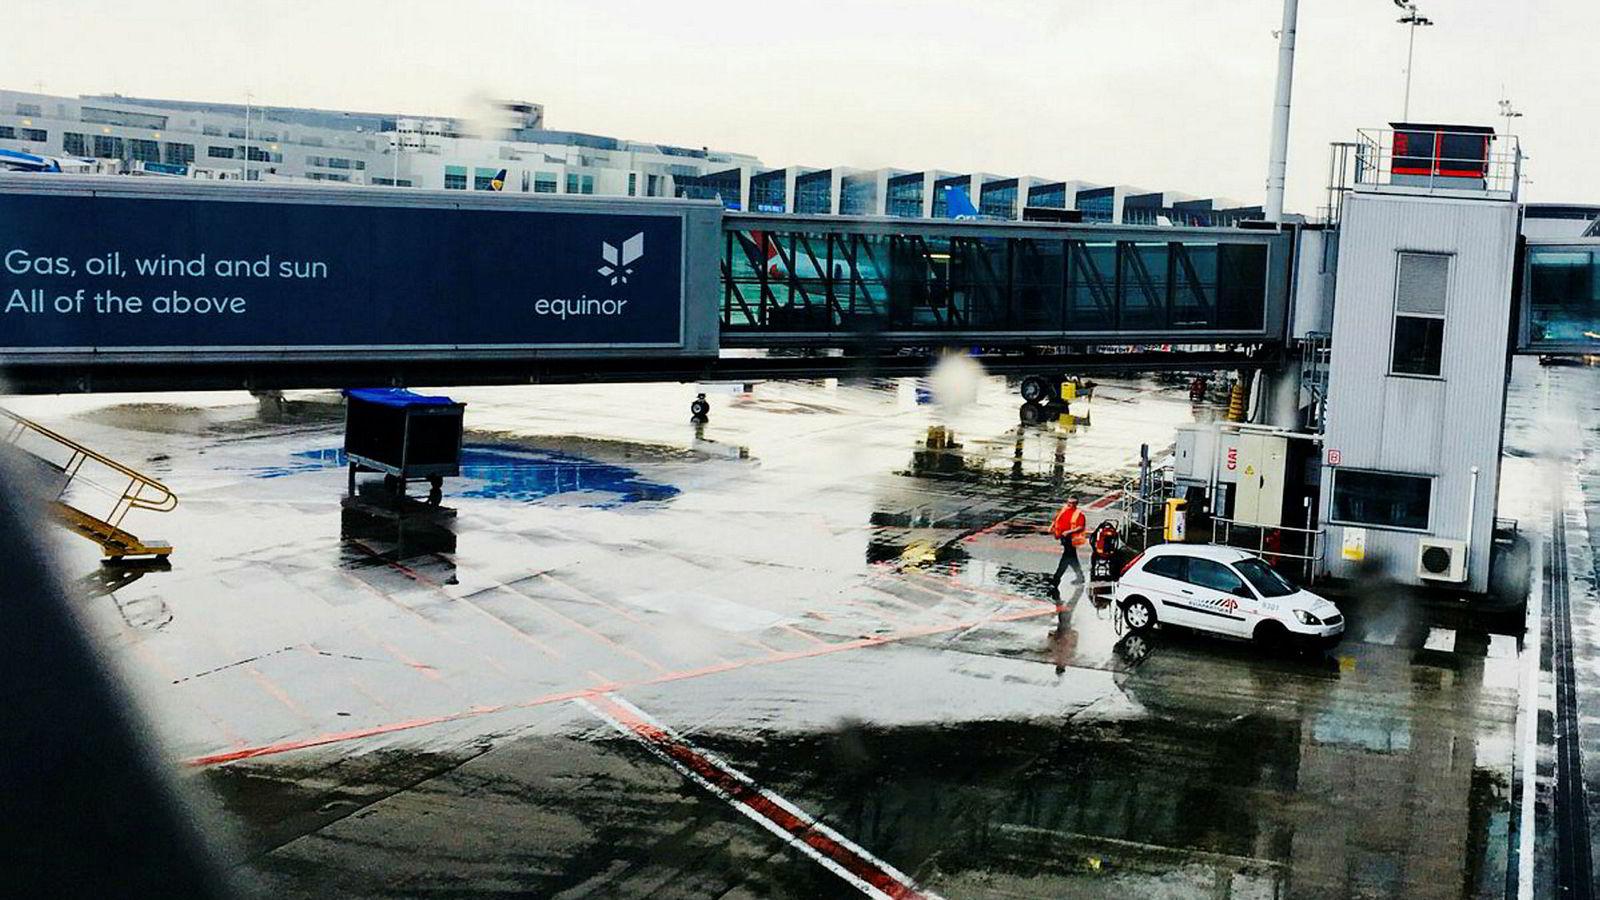 Equinor har i flere år tapetsert flyplassen i Brussel med kampanjer ikke minst for norsk gass. Dette bildet tok Norges daværende EU-ambassadør en regnfull maidag i fjor da Statoil hadde skiftet navn til Equinor.